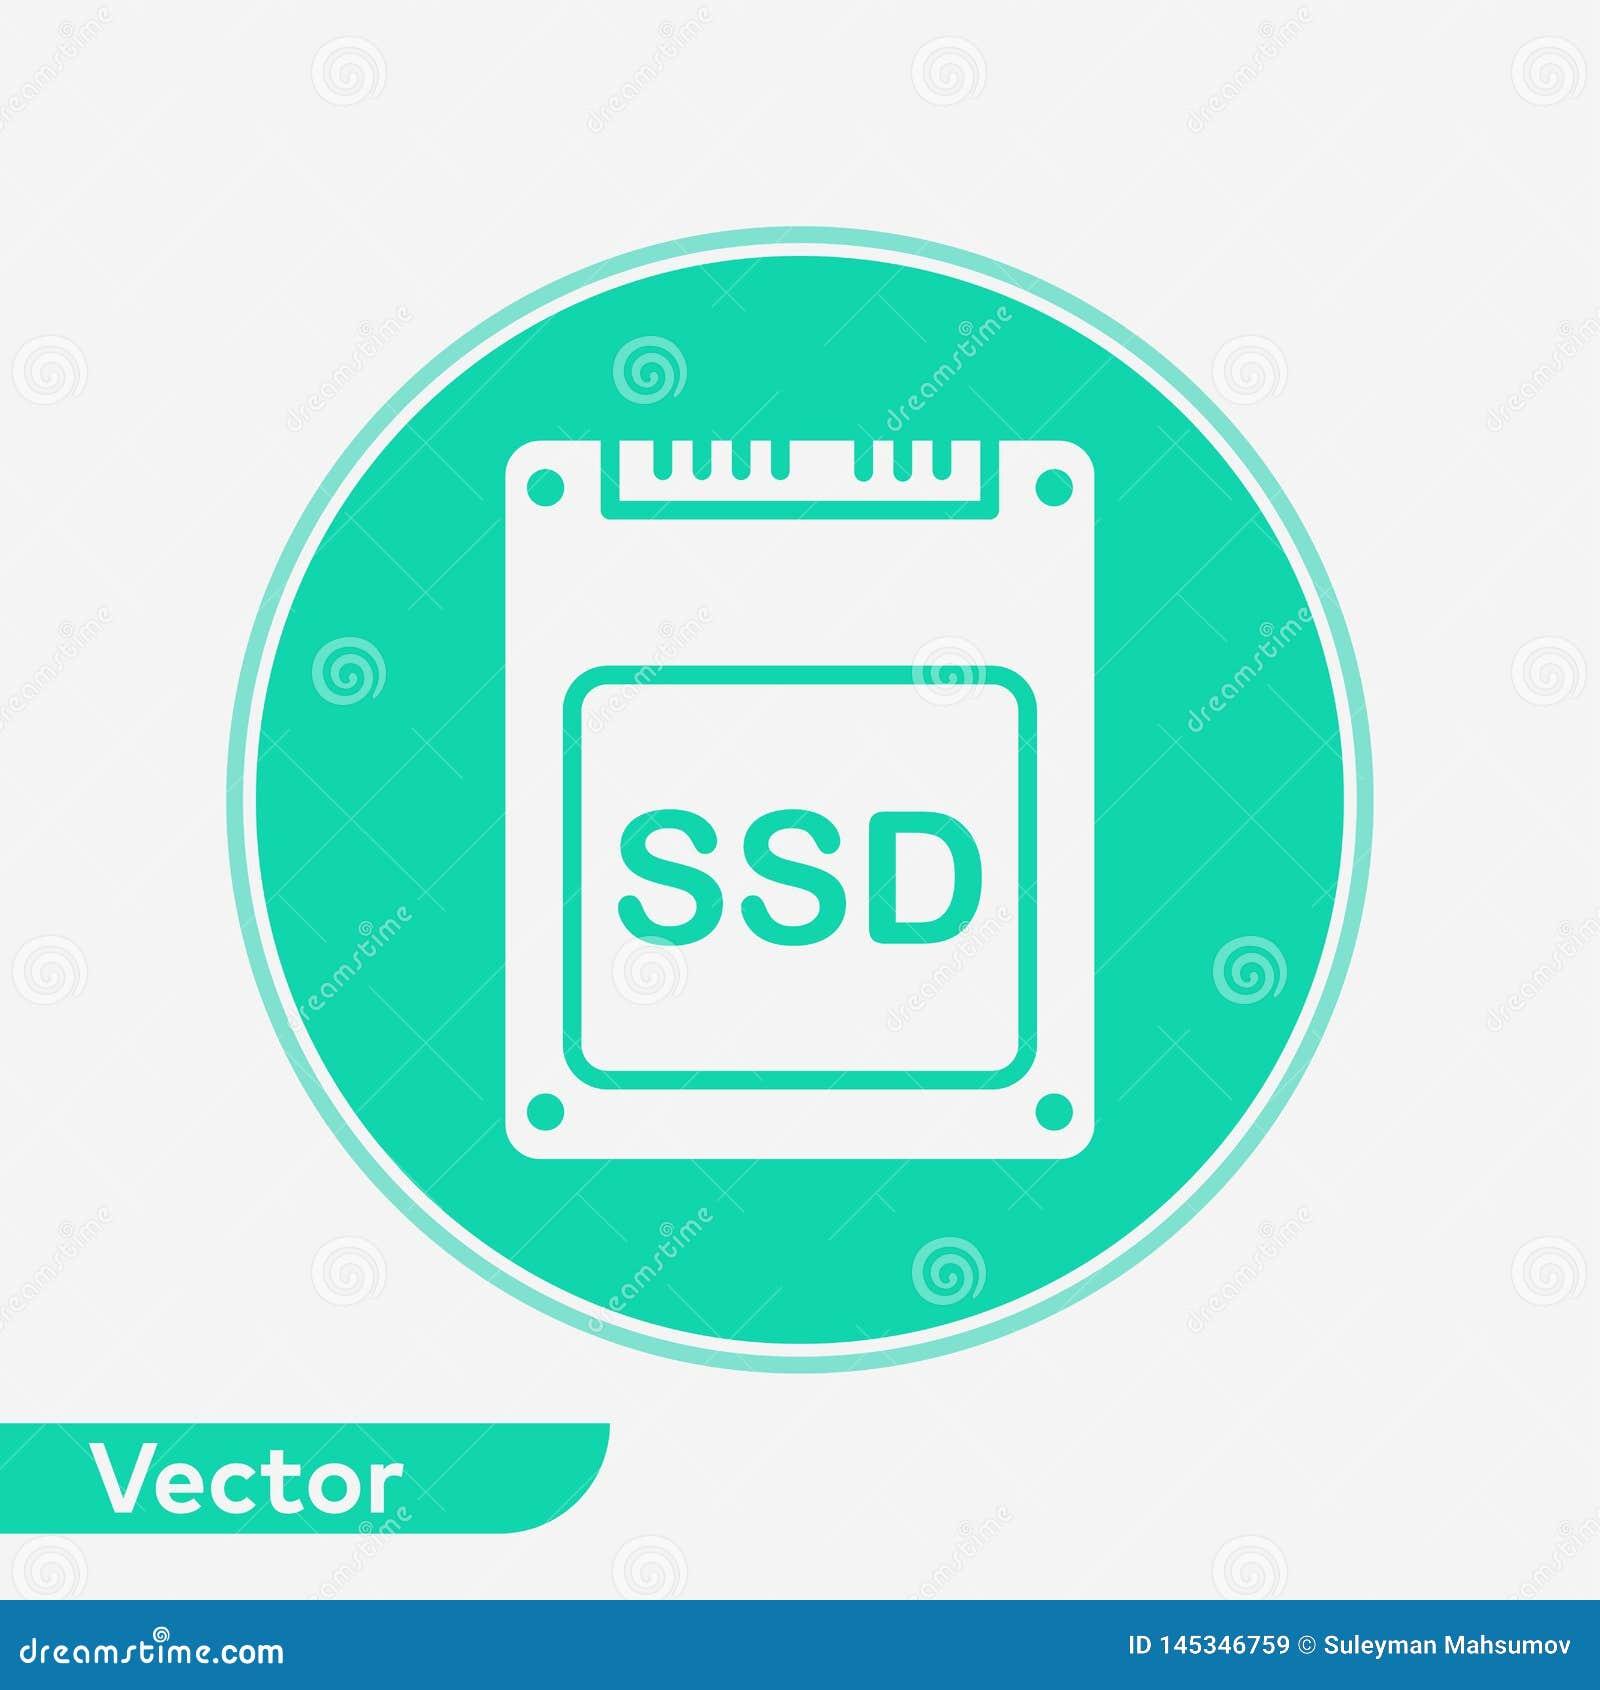 SSD vector icon sign symbol